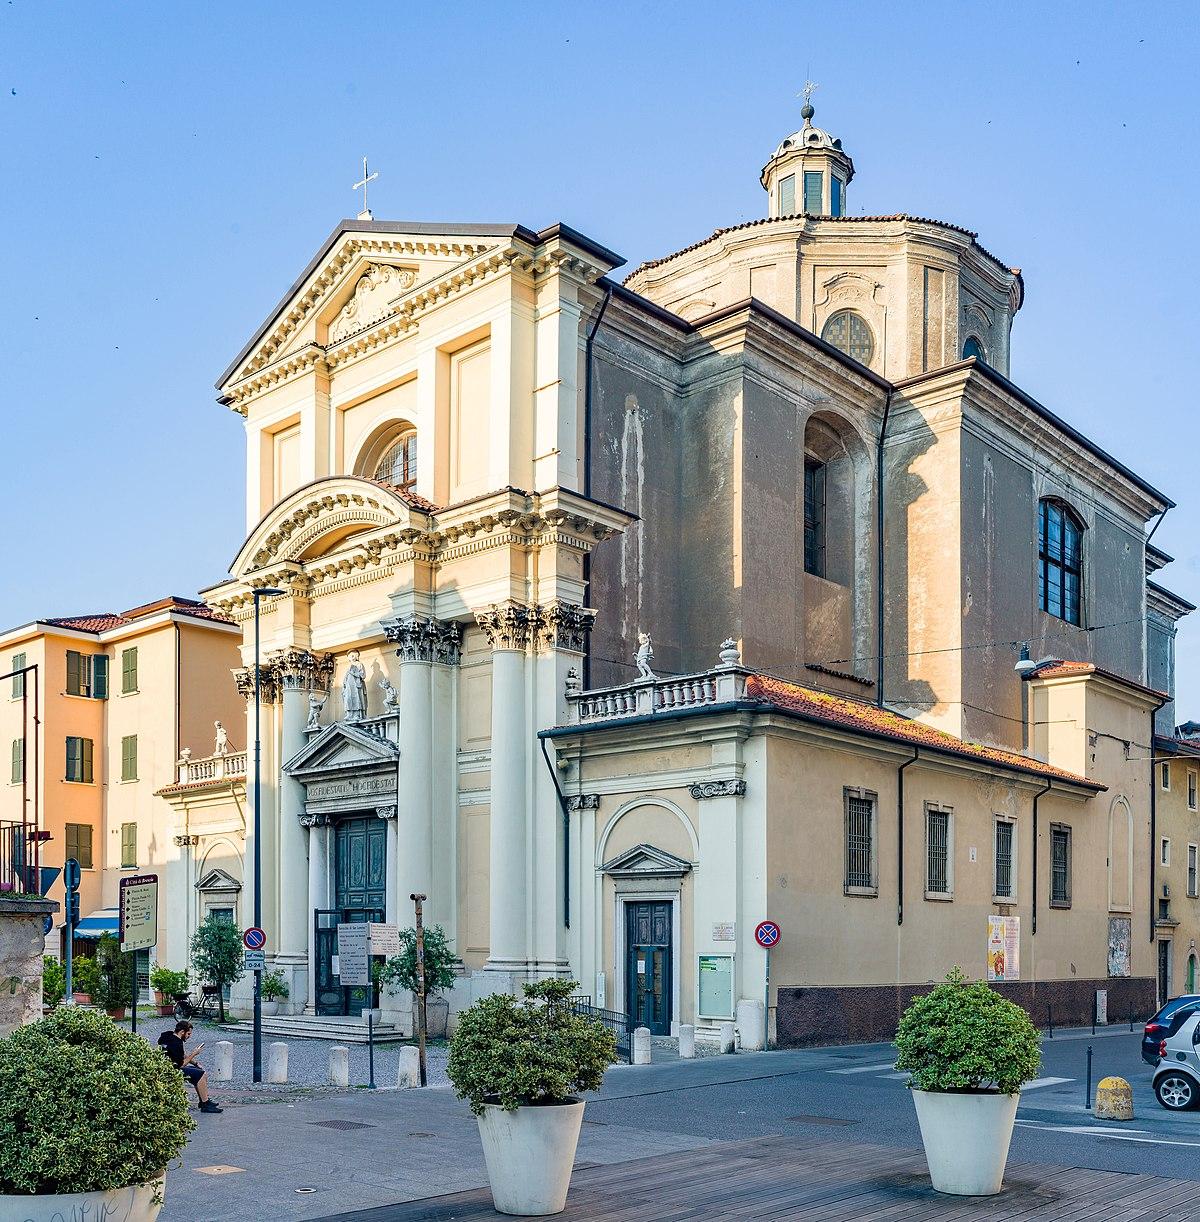 Bagni D Autore Brescia chiesa di san lorenzo (brescia) - wikipedia